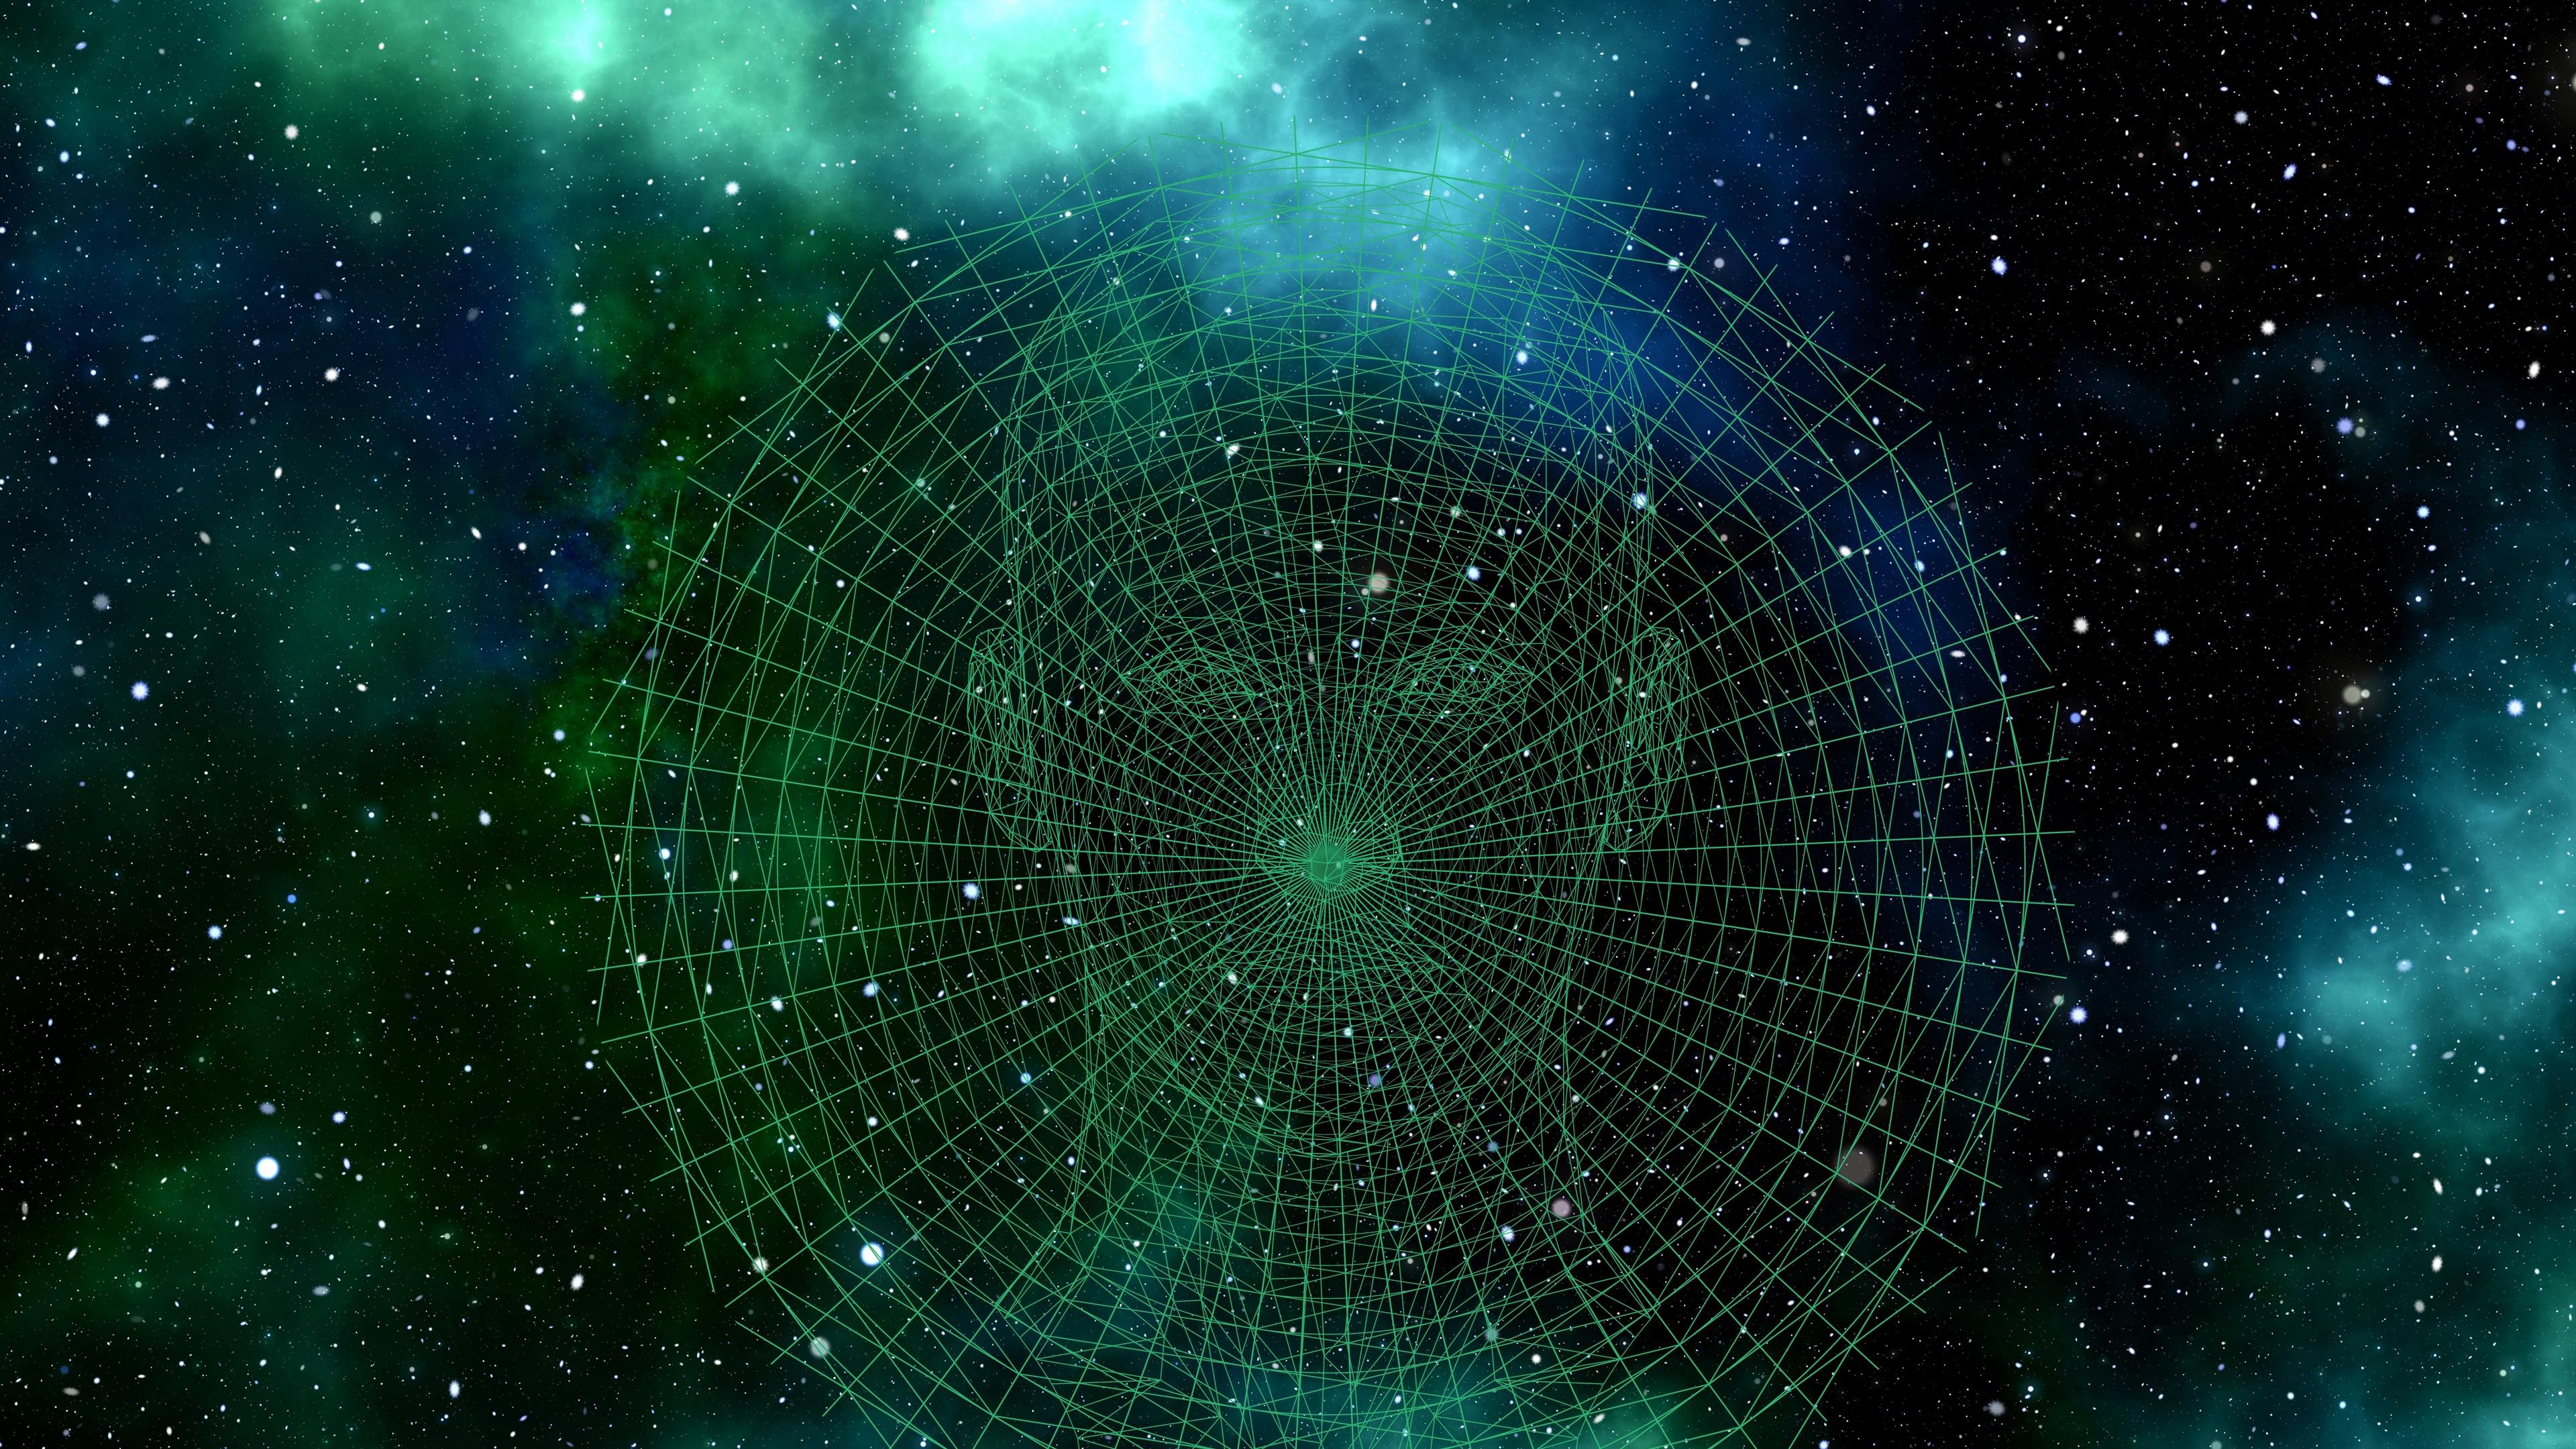 network plexus face outline 4k 1536854792 - network, plexus, face, outline 4k - plexus, Network, Face